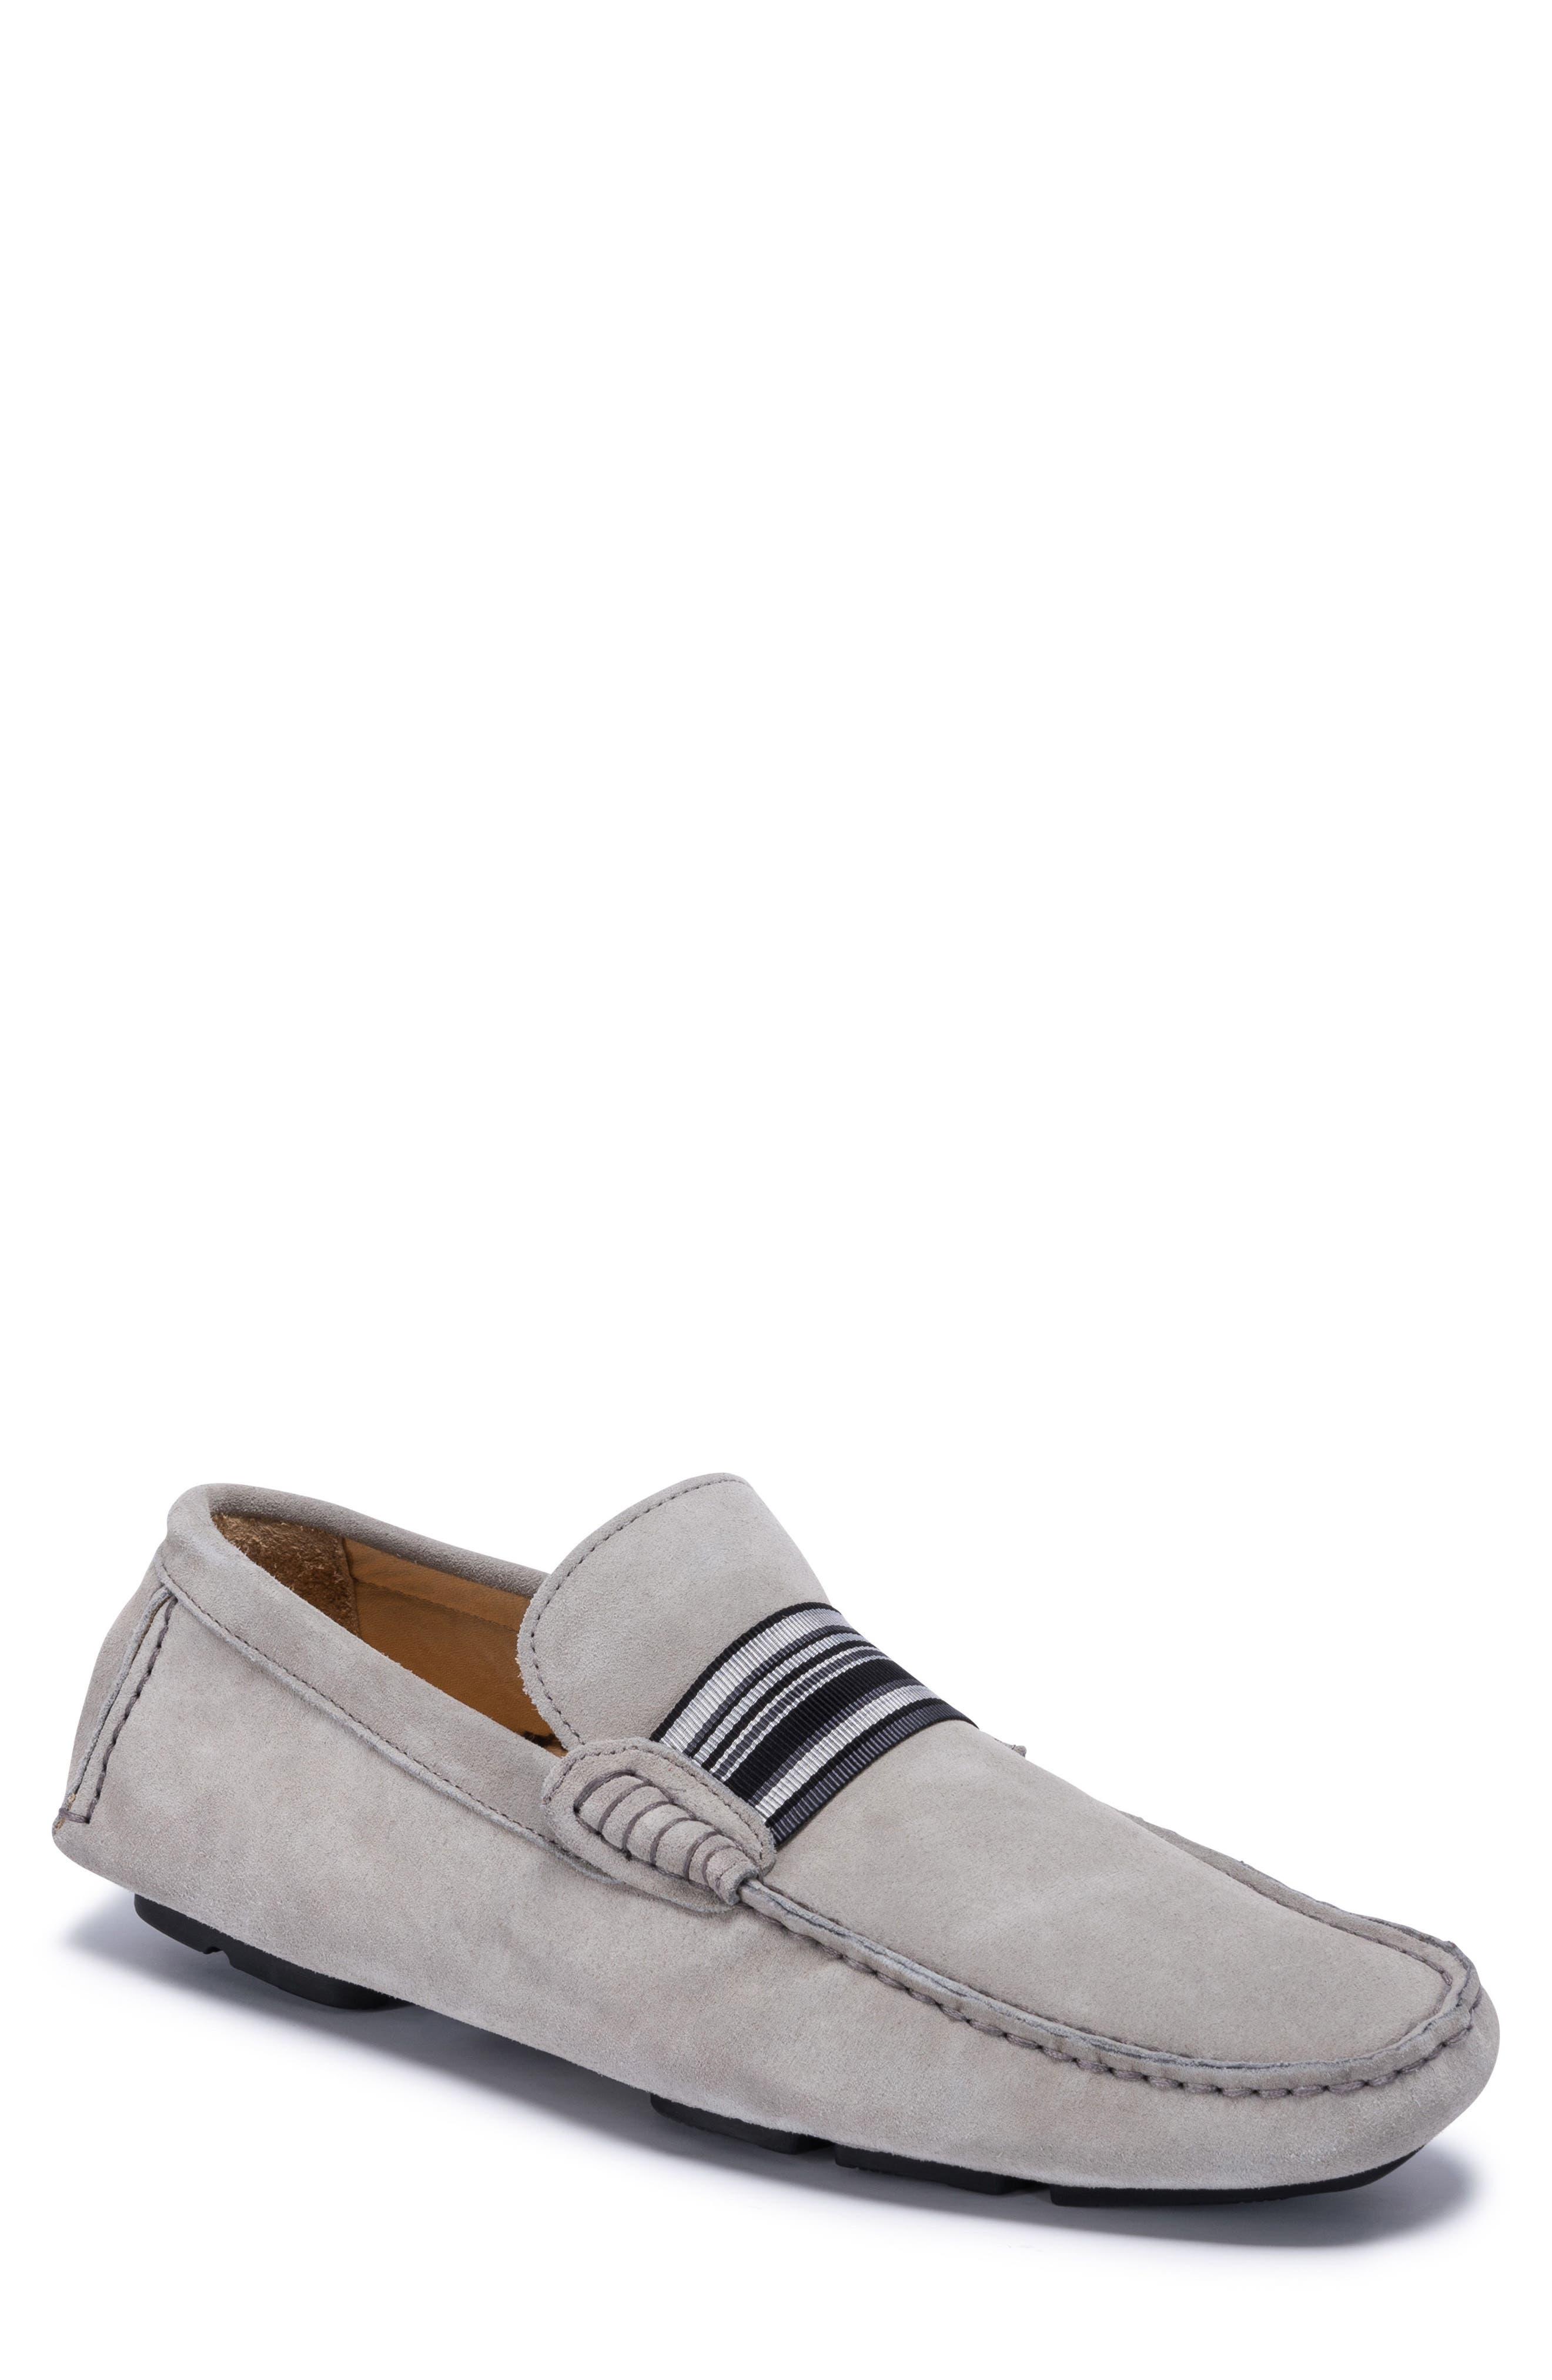 St. Tropez Driving Shoe,                             Main thumbnail 1, color,                             Grey Suede